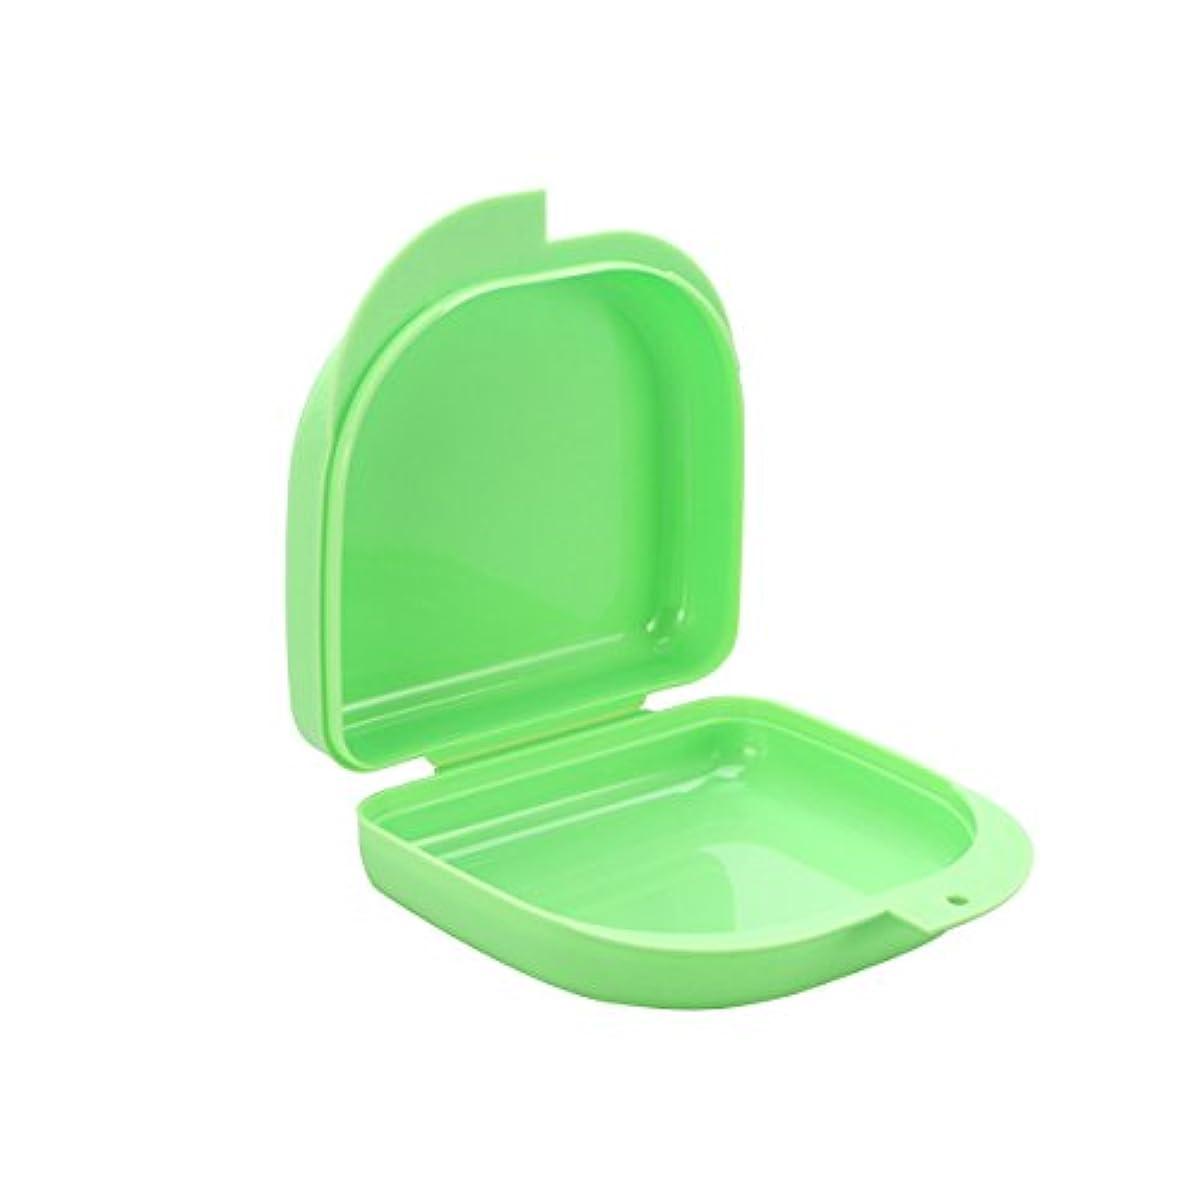 資本試してみるミットROSENICE 義歯ケース口ガードケース義歯ボックス義歯収納容器(緑)